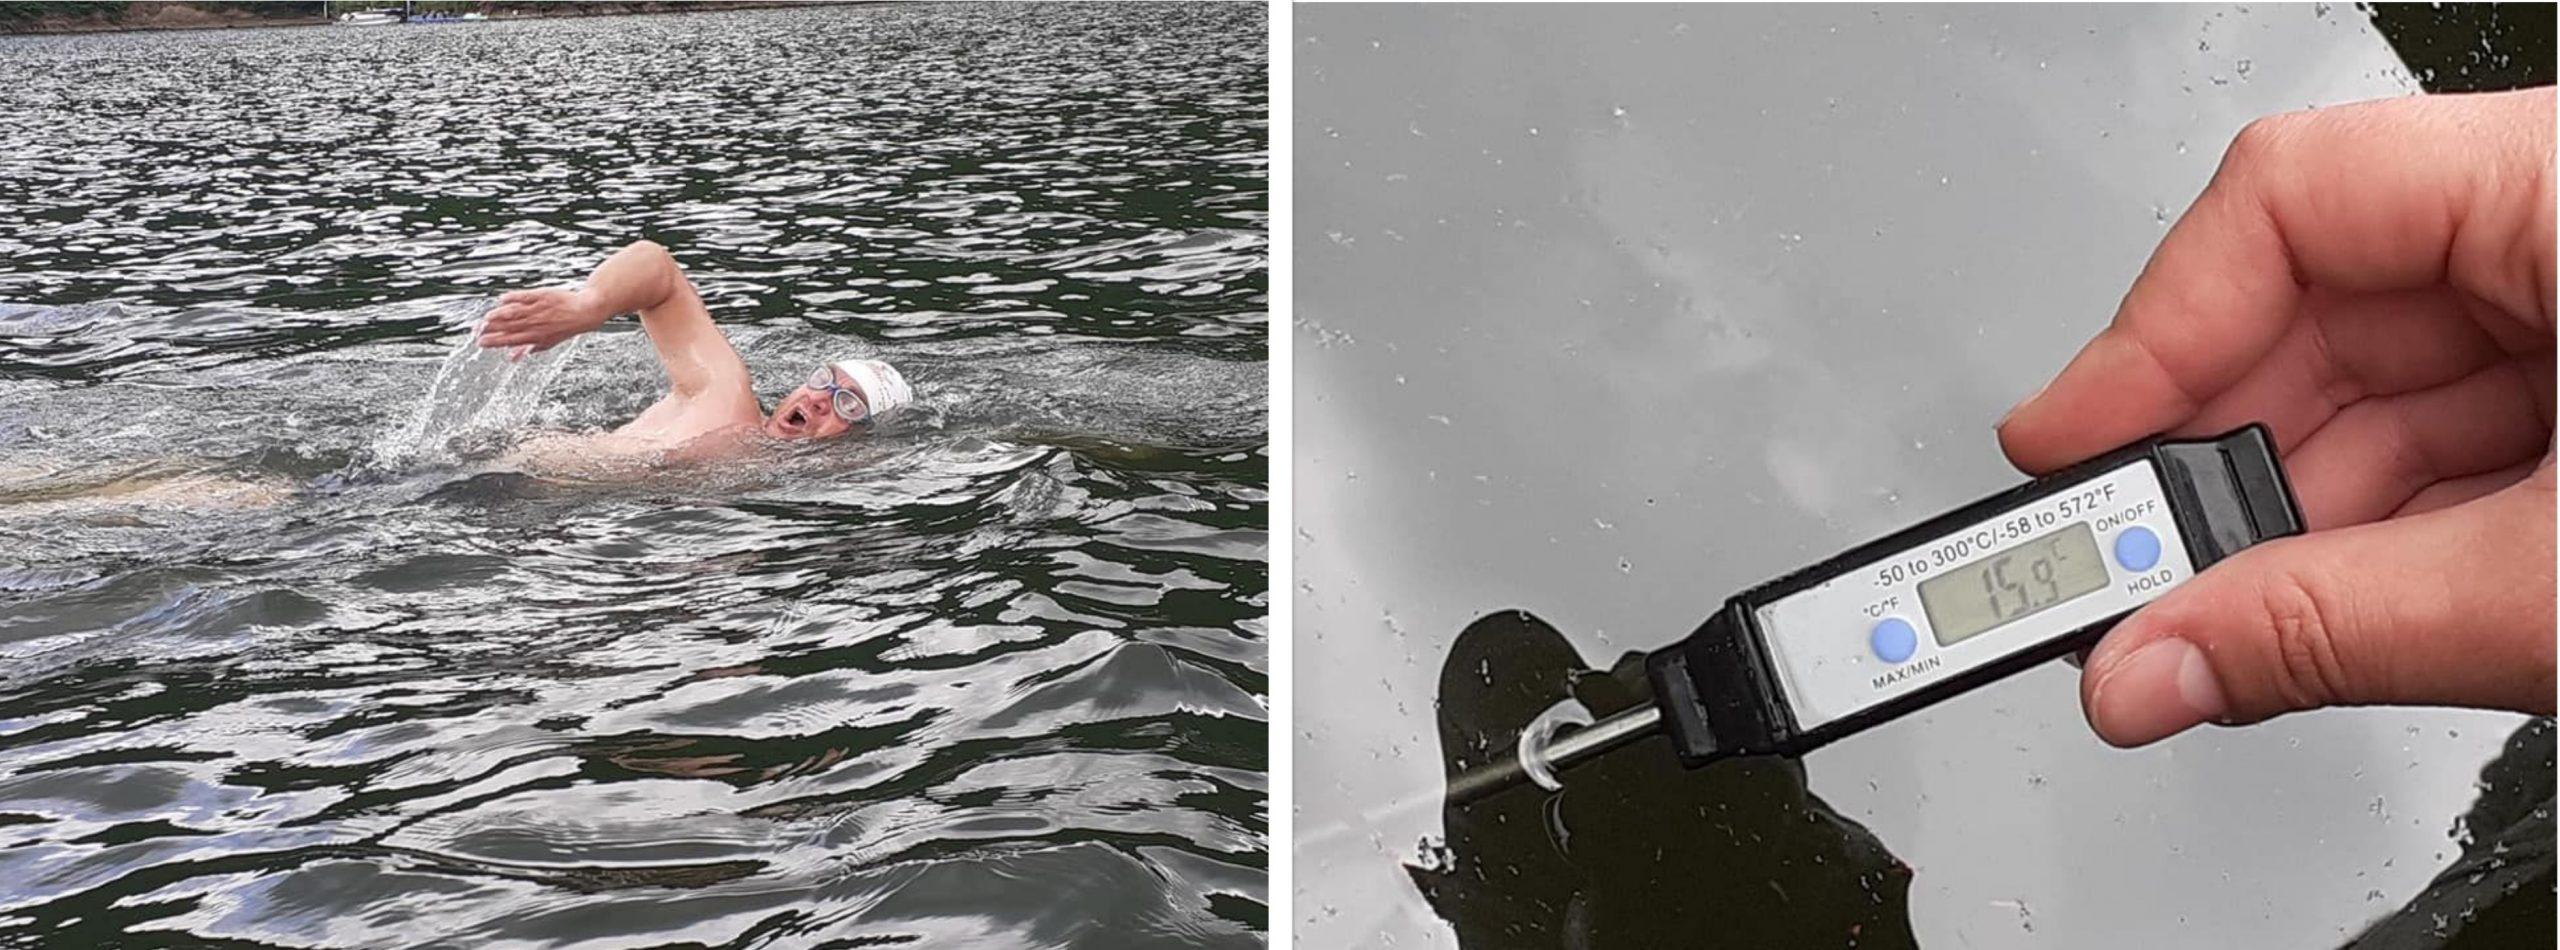 Înotătorul hunedorean Avram Iancu, un nou antrenament, de data aceasta, în apele reci ale lacului Tarniţa